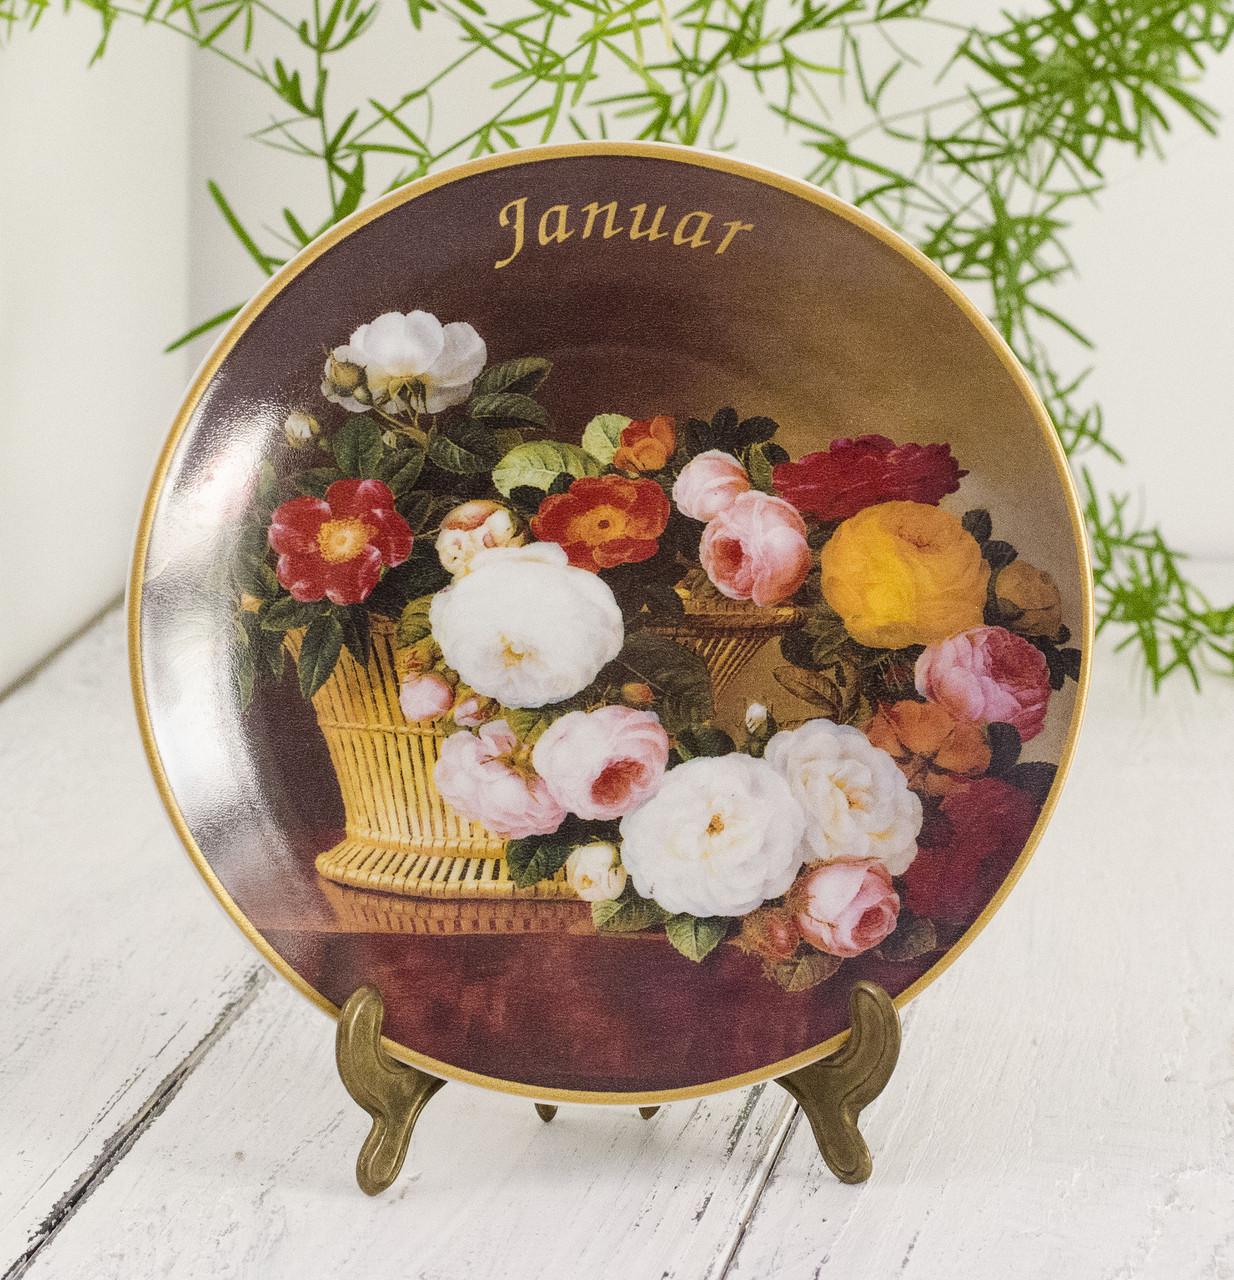 Коллекционная фарфоровая тарелка Январь, фарфор, König Porzellan, Германия, 1998 год